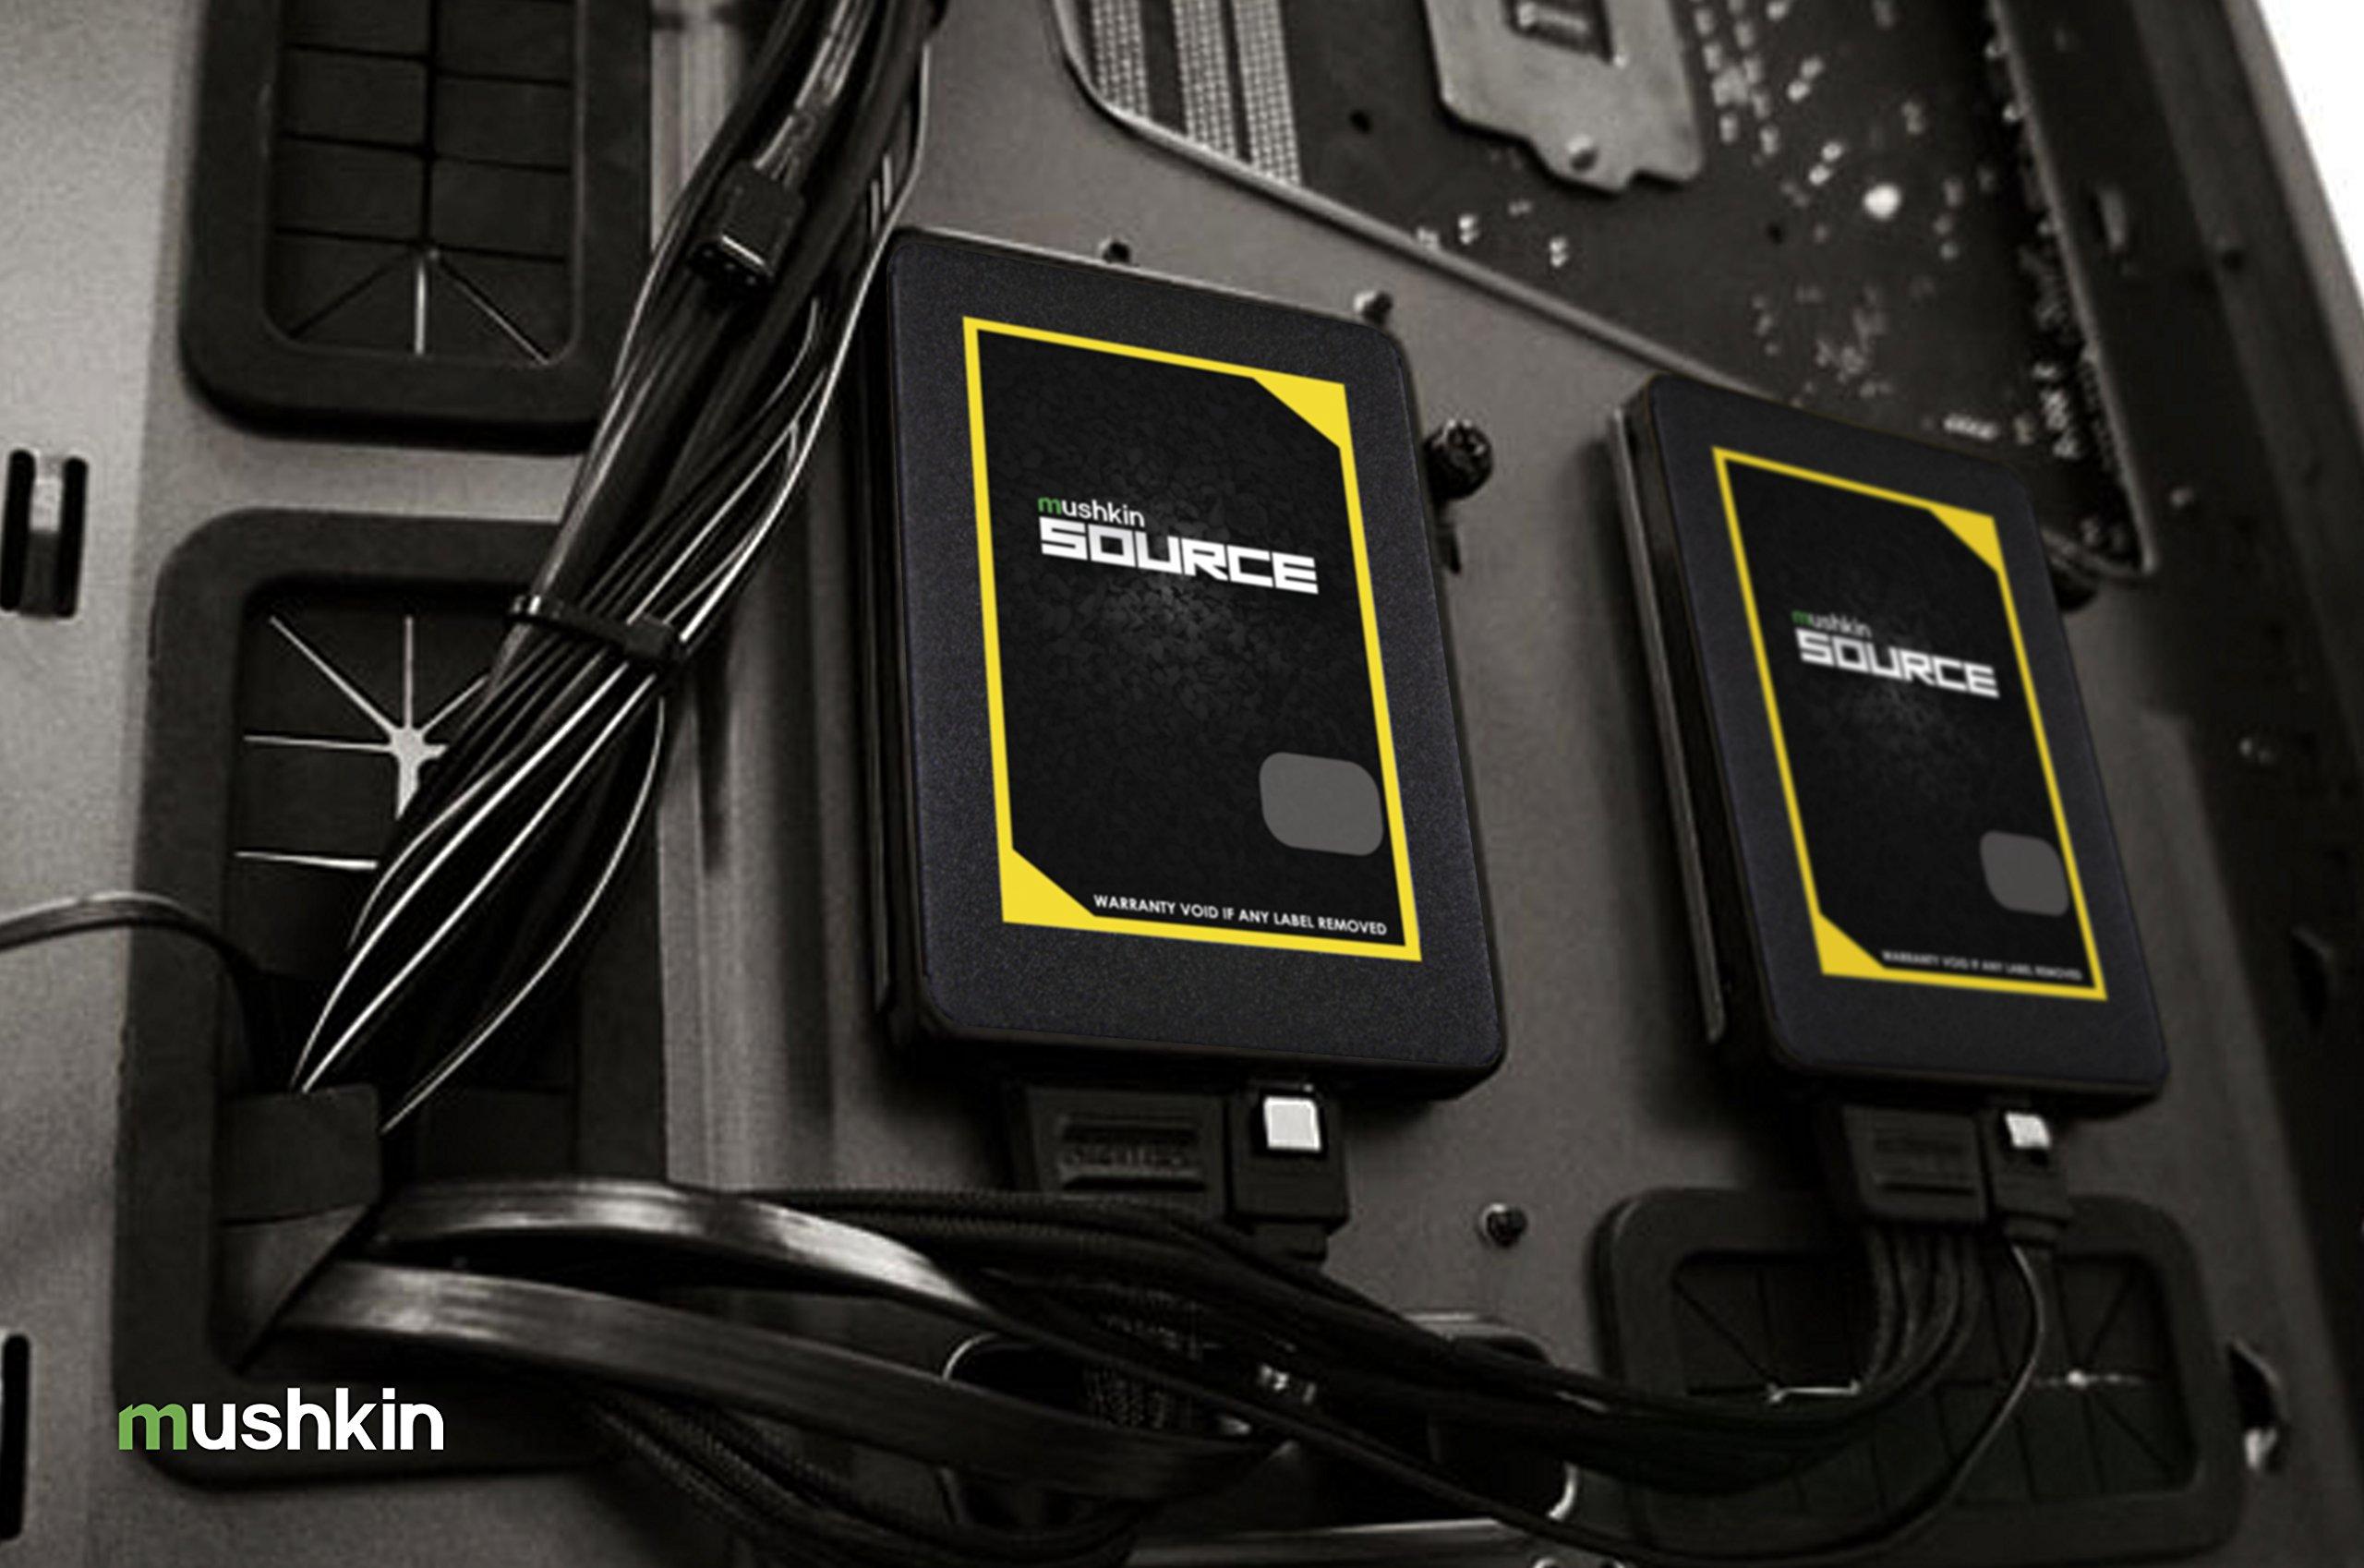 Mushkin Source - 1TB Internal Solid State Drive (SSD) - 2.5 Inch - SATA III - 6Gb/s - 3D Vertical TLC - 7mm - (MKNSSDSR1TB), Black by Mushkin (Image #6)